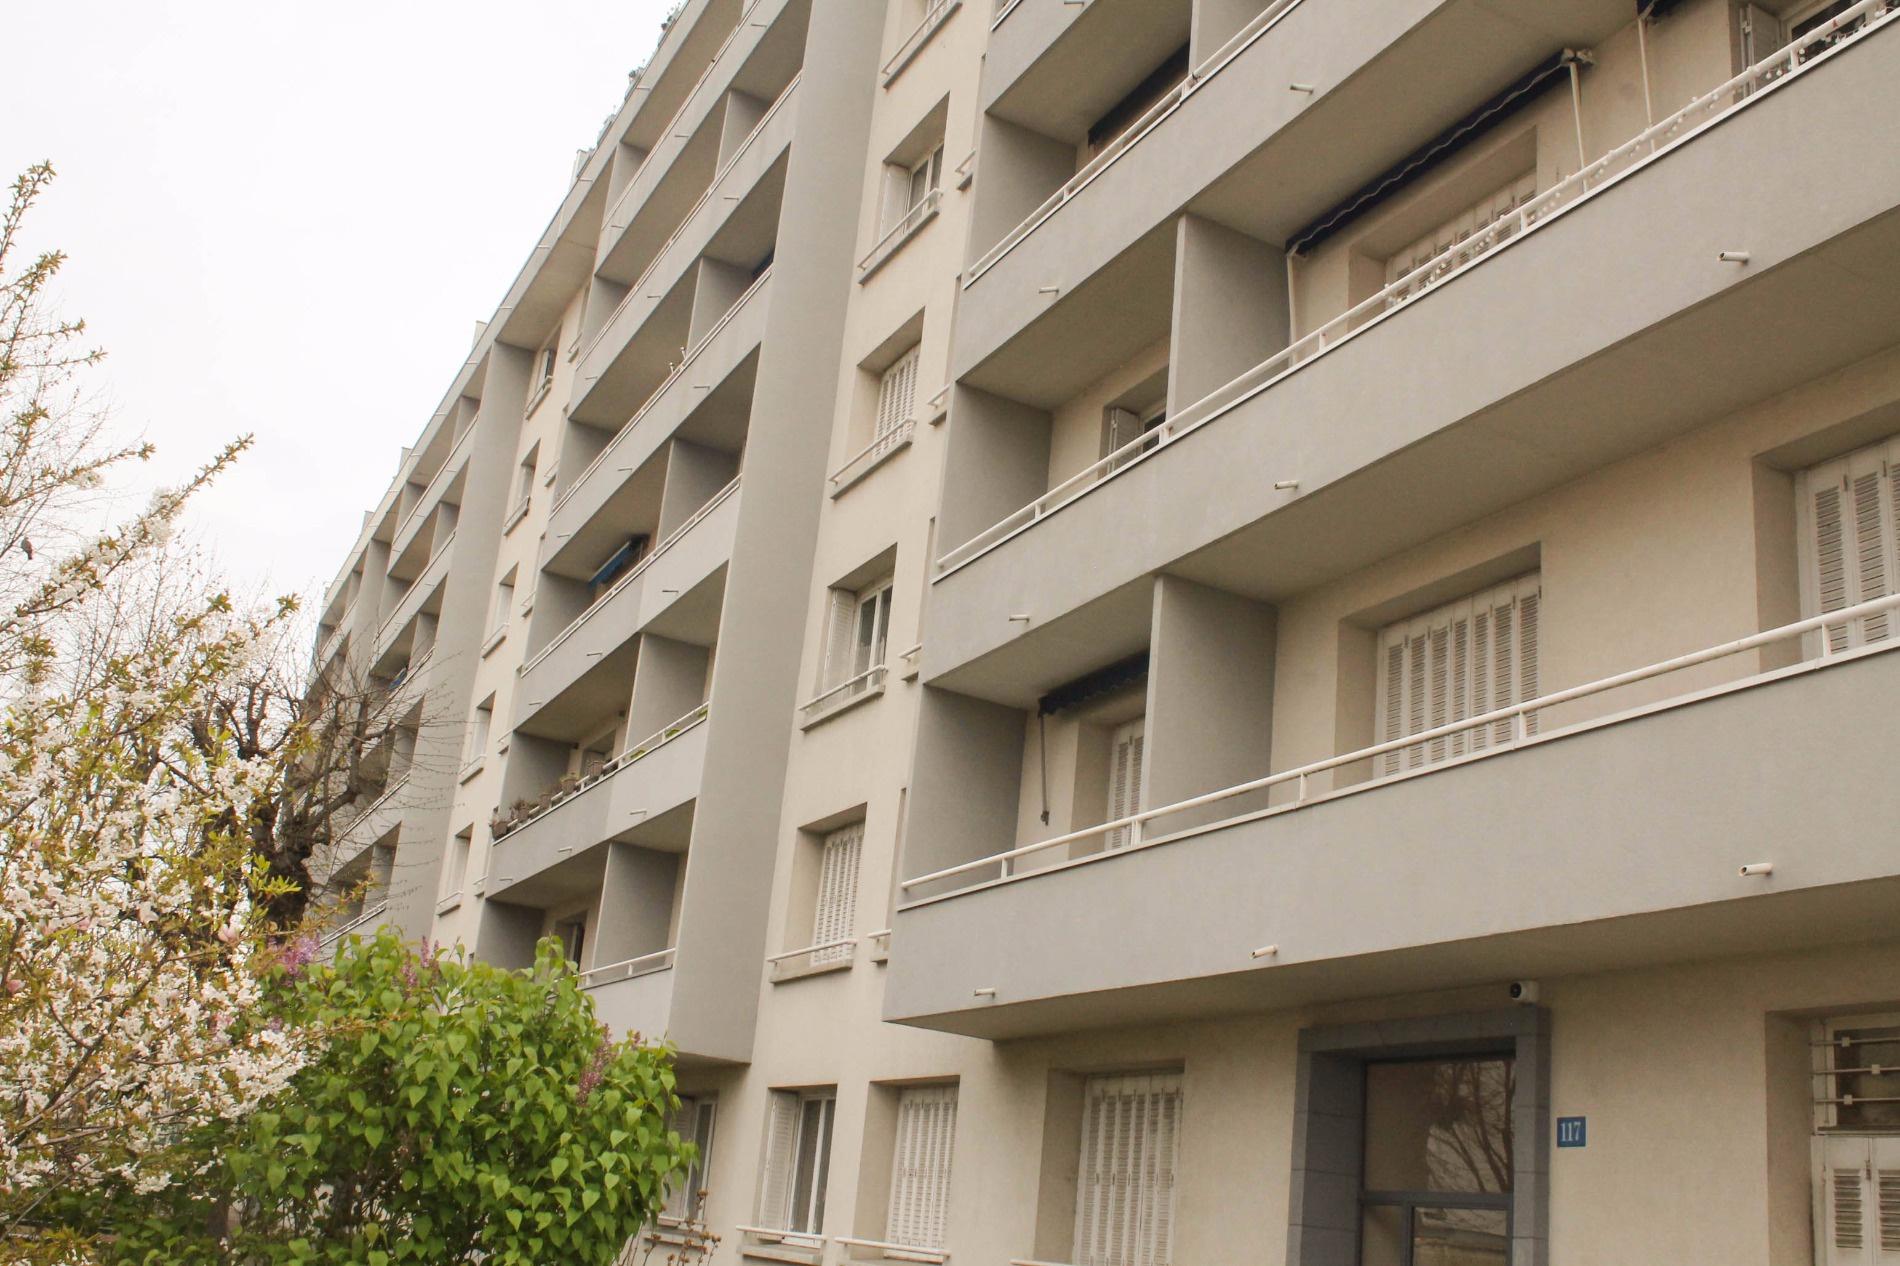 Vente villeurbanne rue l on blum appartement de t4 de for Garage rue des bienvenus villeurbanne